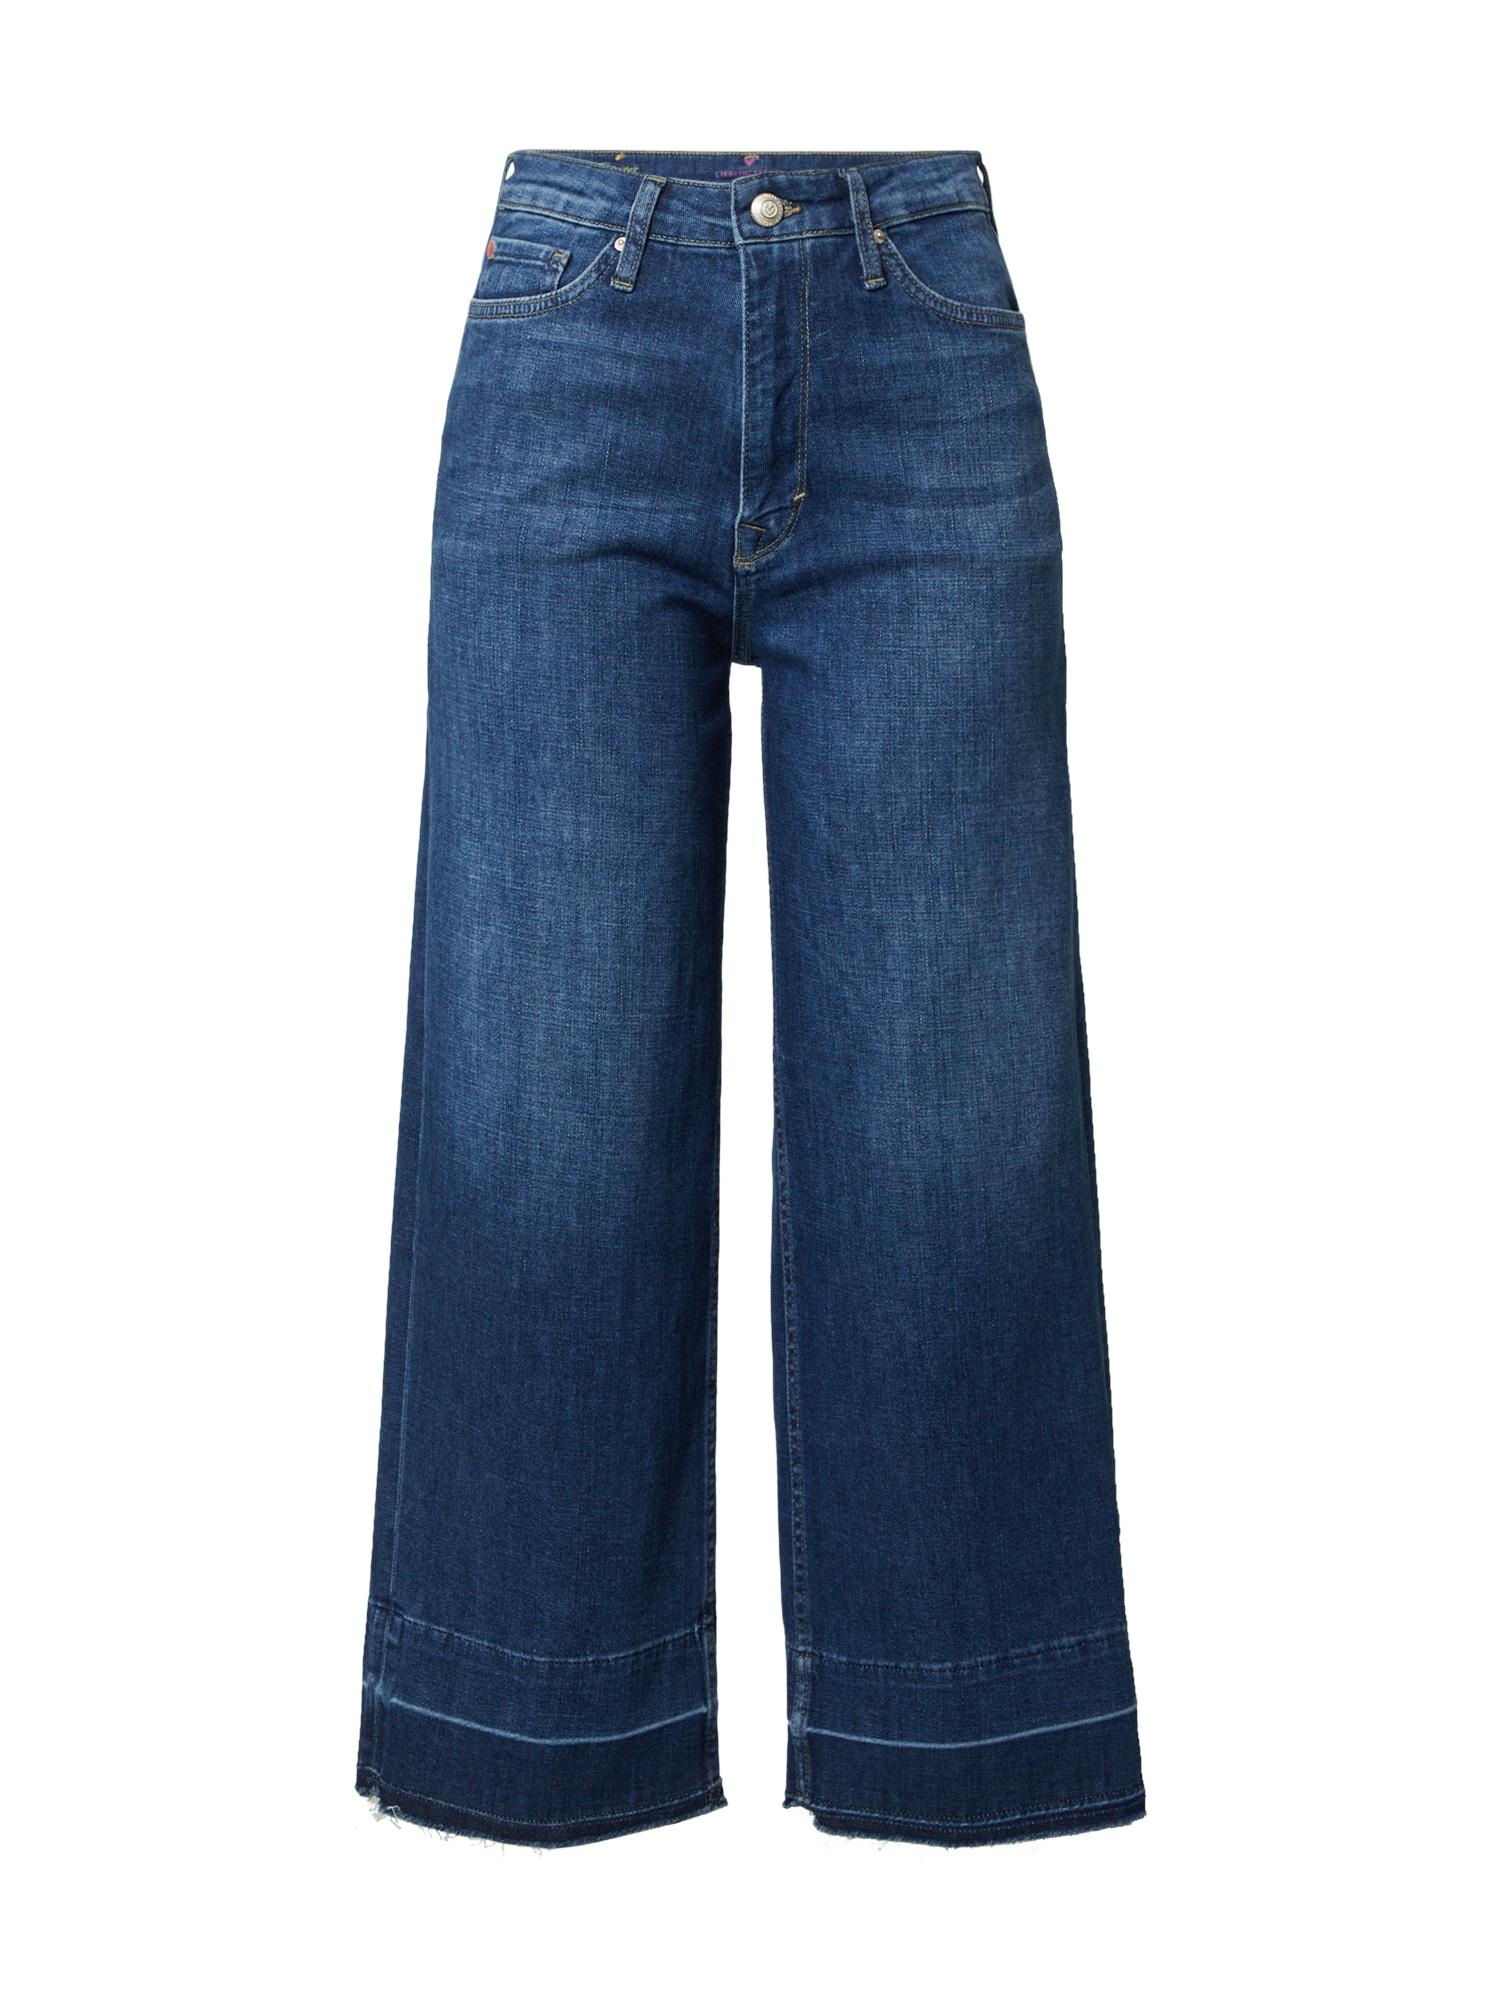 LIEBLINGSSTÜCK Džinsai 'Super TrouperH' tamsiai (džinso) mėlyna / tamsiai mėlyna